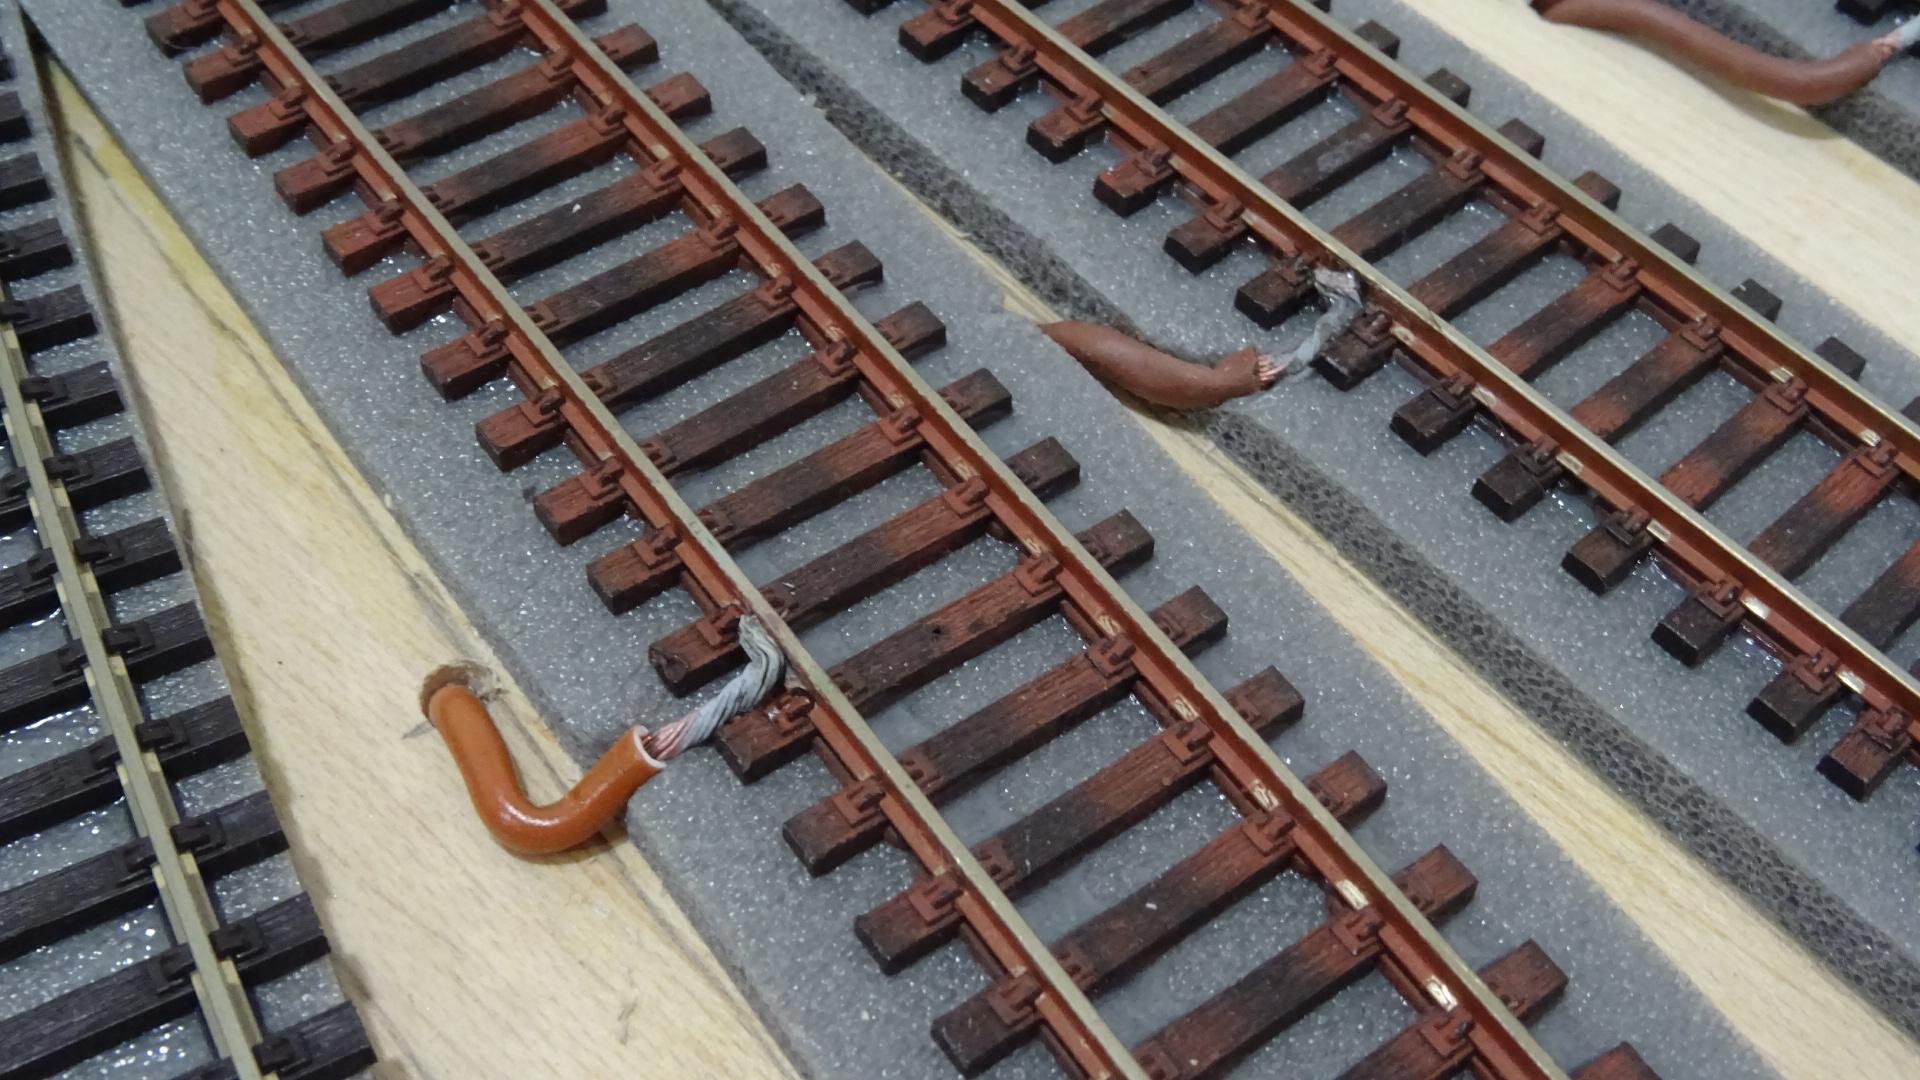 Tomas de corriente en una vía de una maqueta de trenes